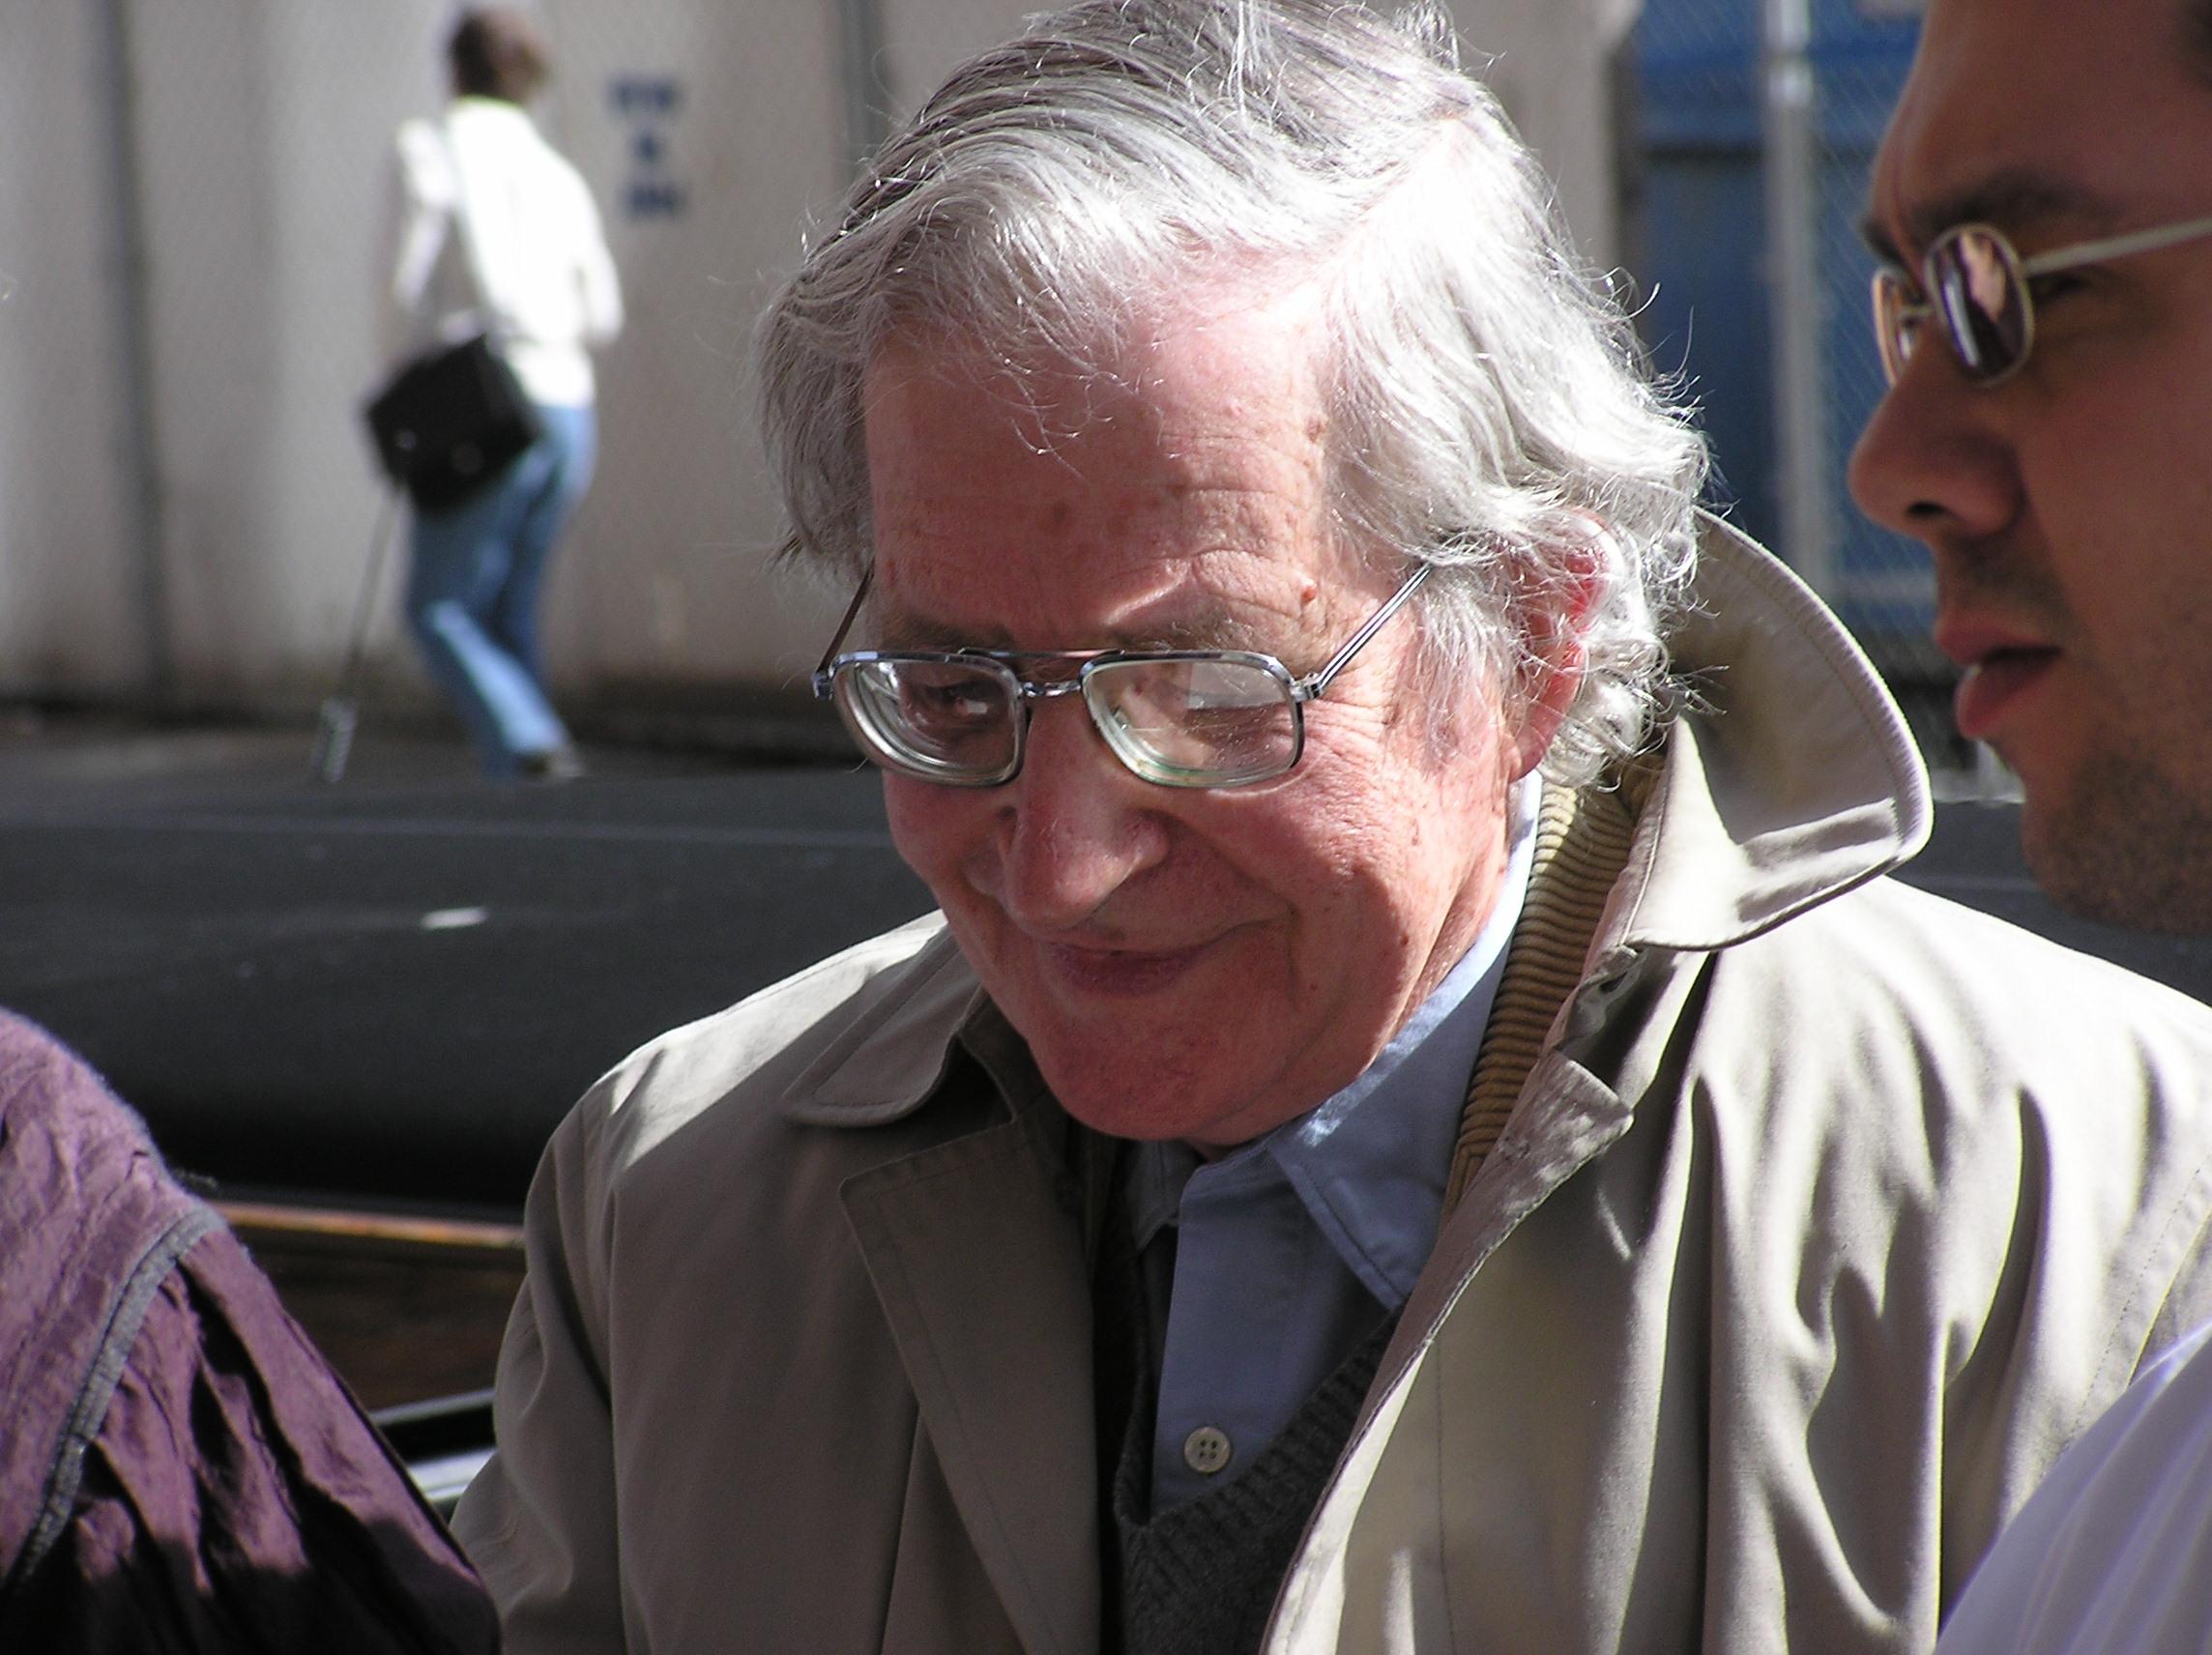 Noam Chomsky photo #100928, Noam Chomsky image